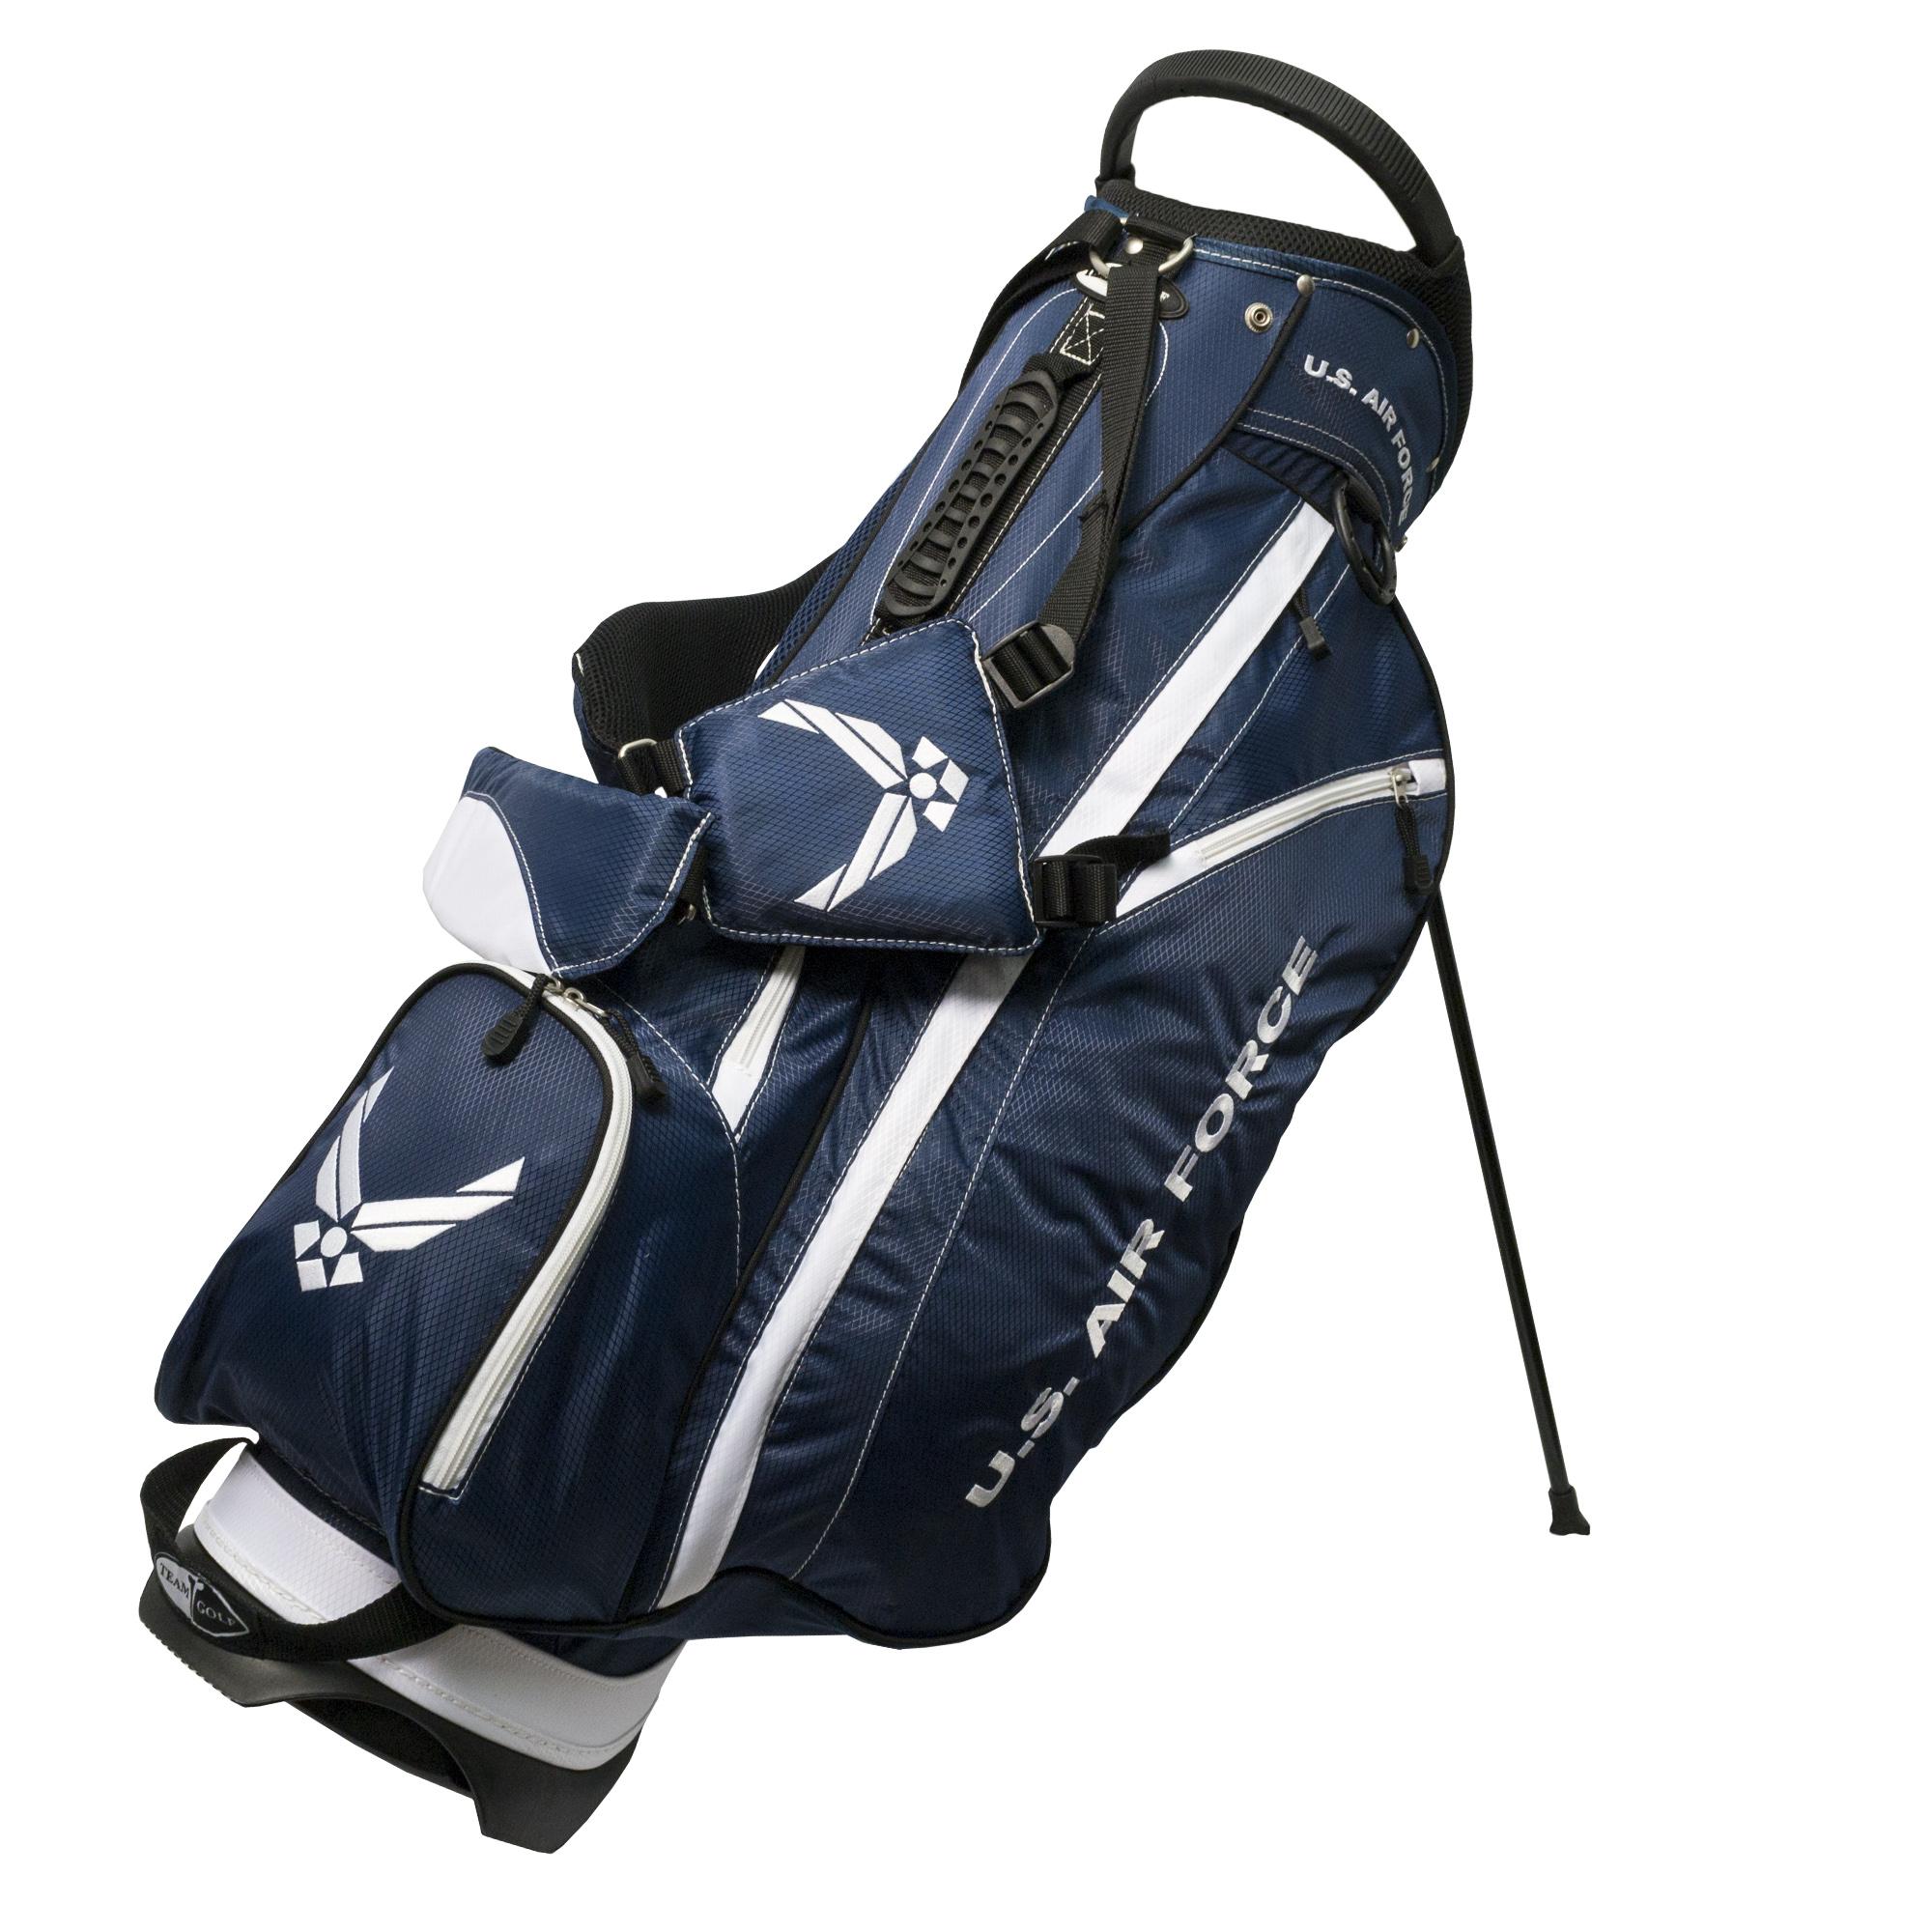 Team Golf Military Us Air Force Fairway Golf Stand Bag